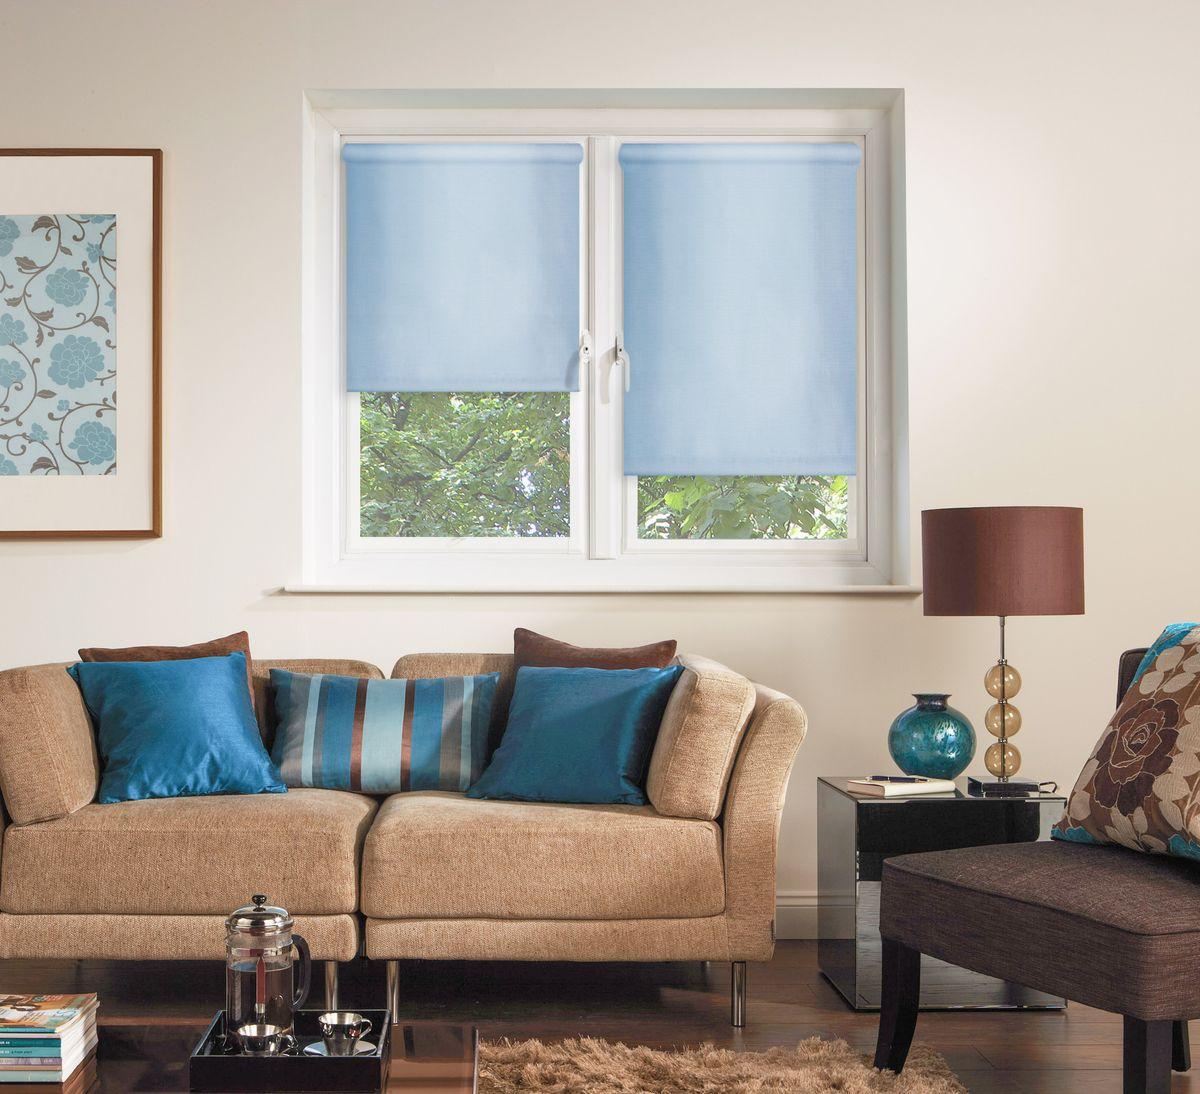 Штора рулонная Эскар Миниролло, цвет: голубой, ширина 68 см, высота 170 смSS 4041Рулонная штора Эскар Миниролло выполнена из высокопрочной ткани, которая сохраняет свой размер даже при намокании. Ткань не выцветает и обладает отличной цветоустойчивостью.Миниролло - это подвид рулонных штор, который закрывает не весь оконный проем, а непосредственно само стекло. Такие шторы крепятся на раму без сверления при помощи зажимов или клейкой двухсторонней ленты (в комплекте). Окно остается на гарантии, благодаря монтажу без сверления. Такая штора станет прекрасным элементом декора окна и гармонично впишется в интерьер любого помещения.